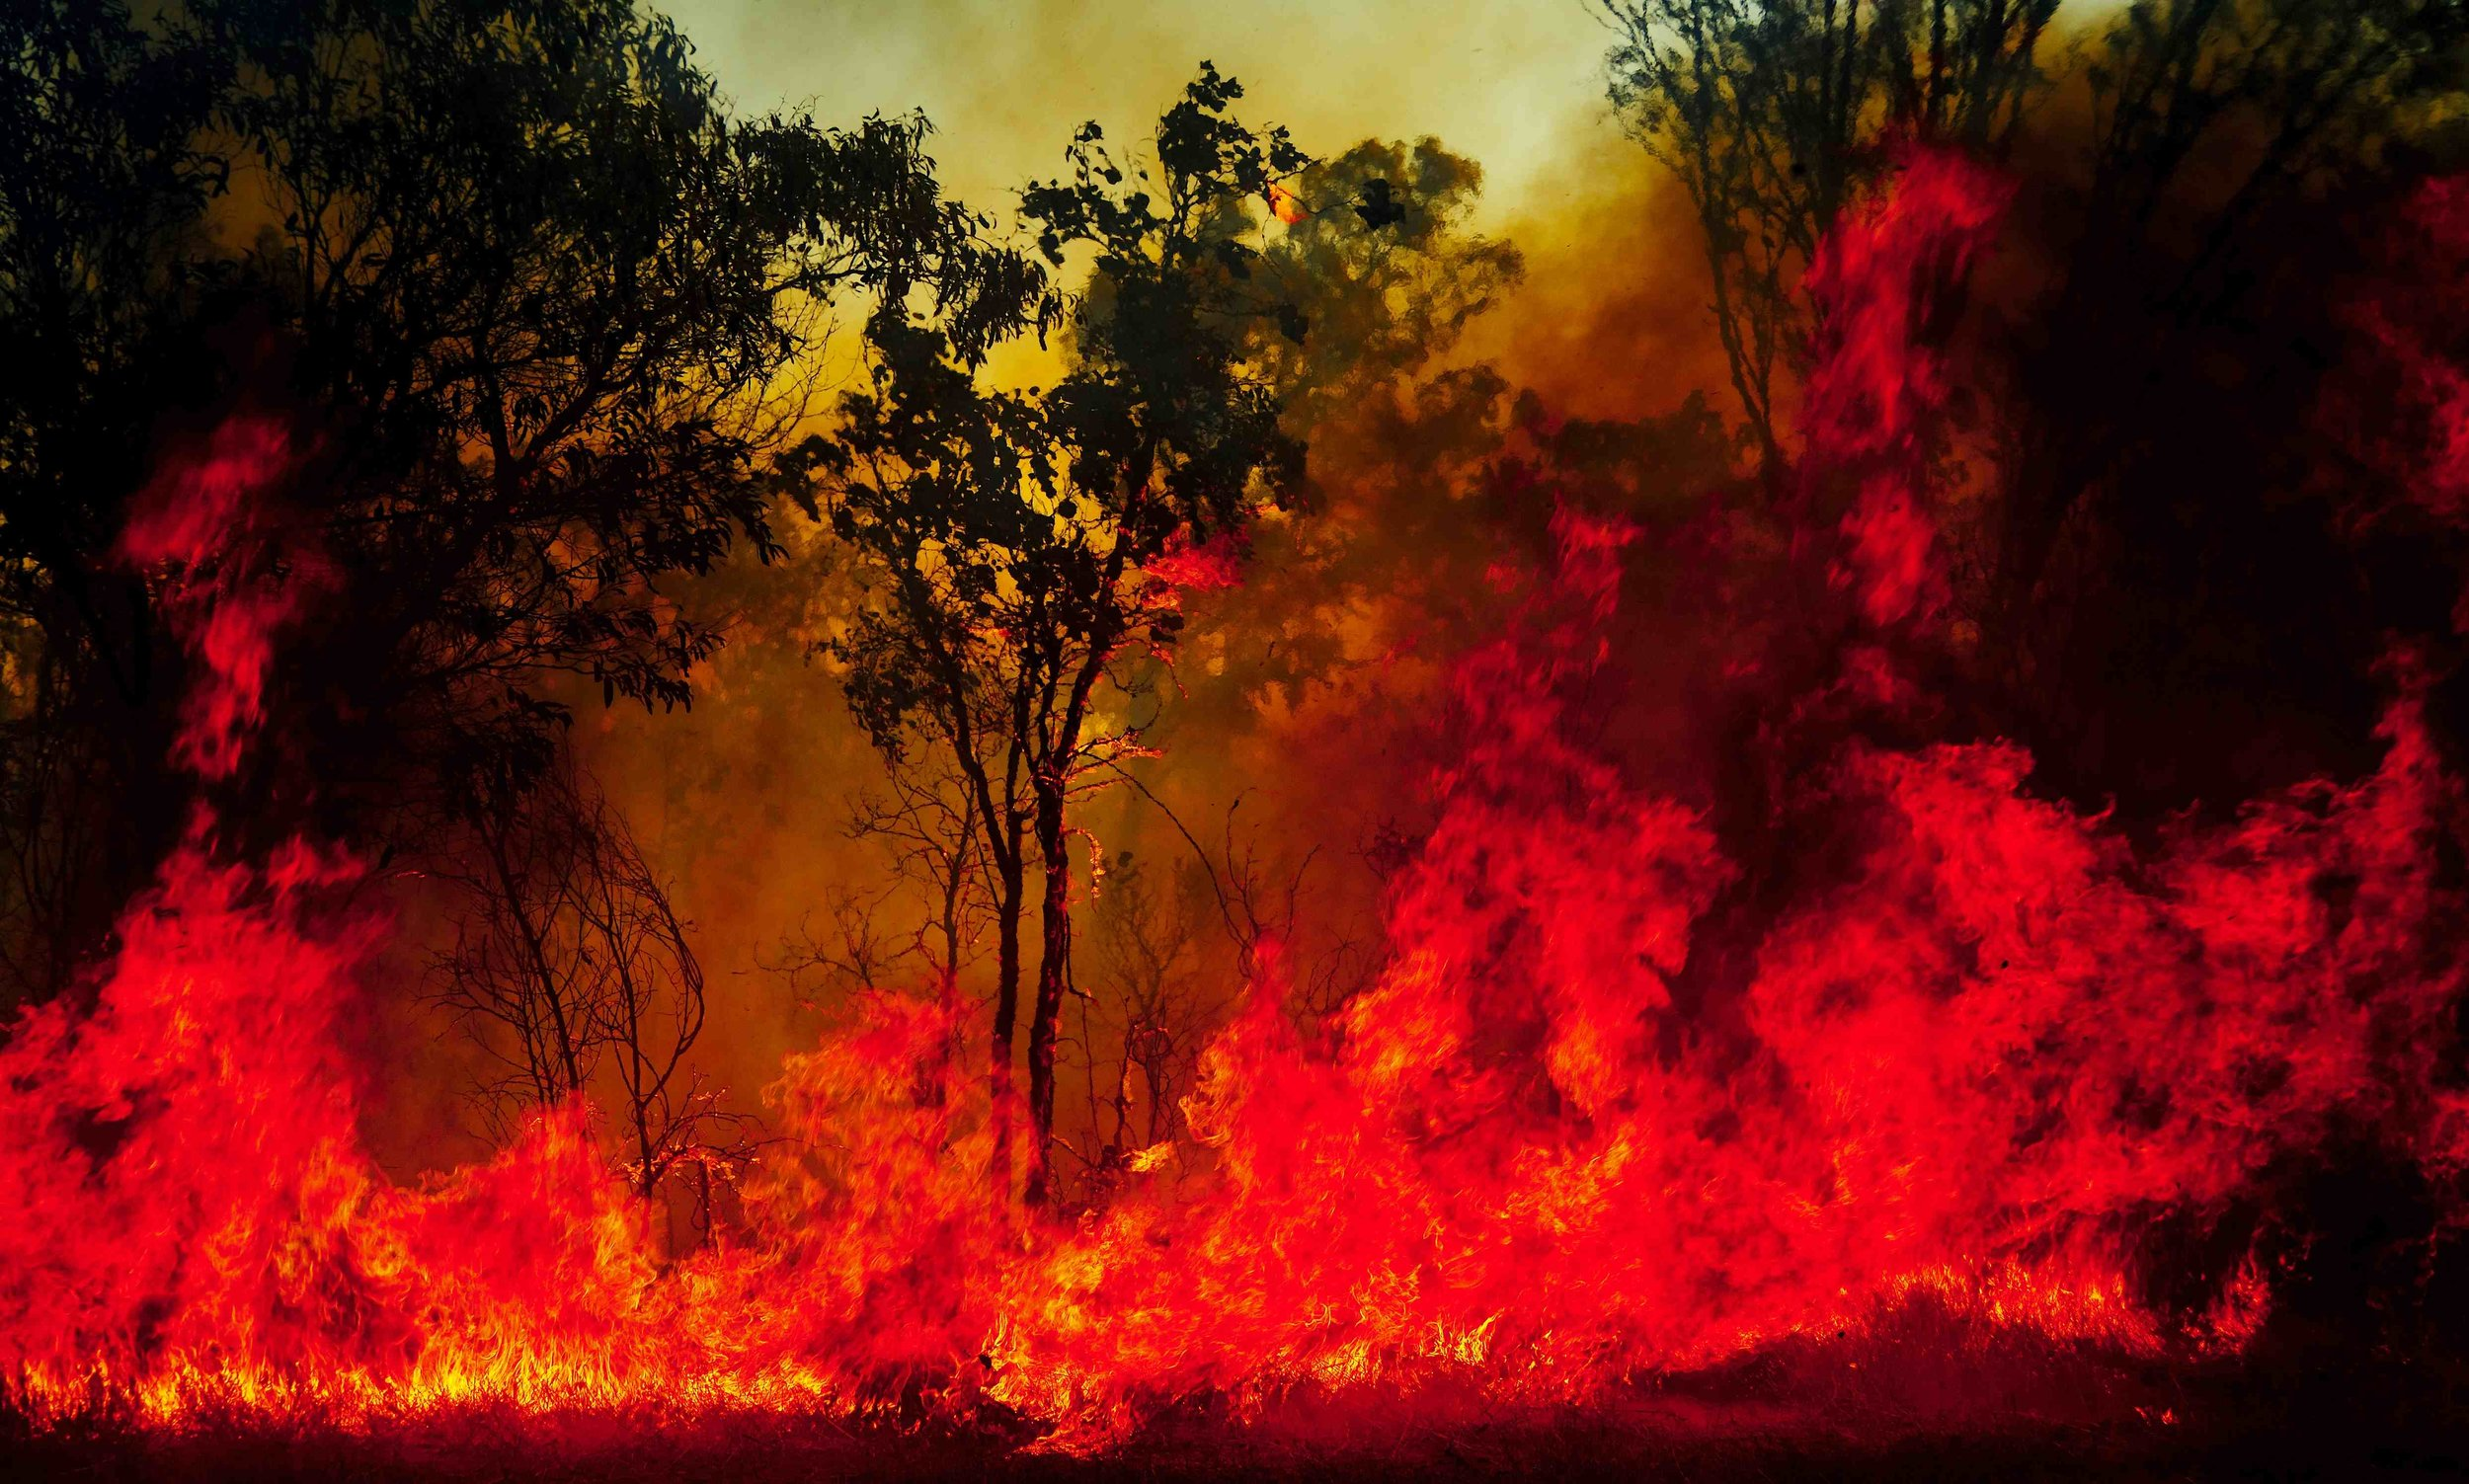 fire-007300.jpg